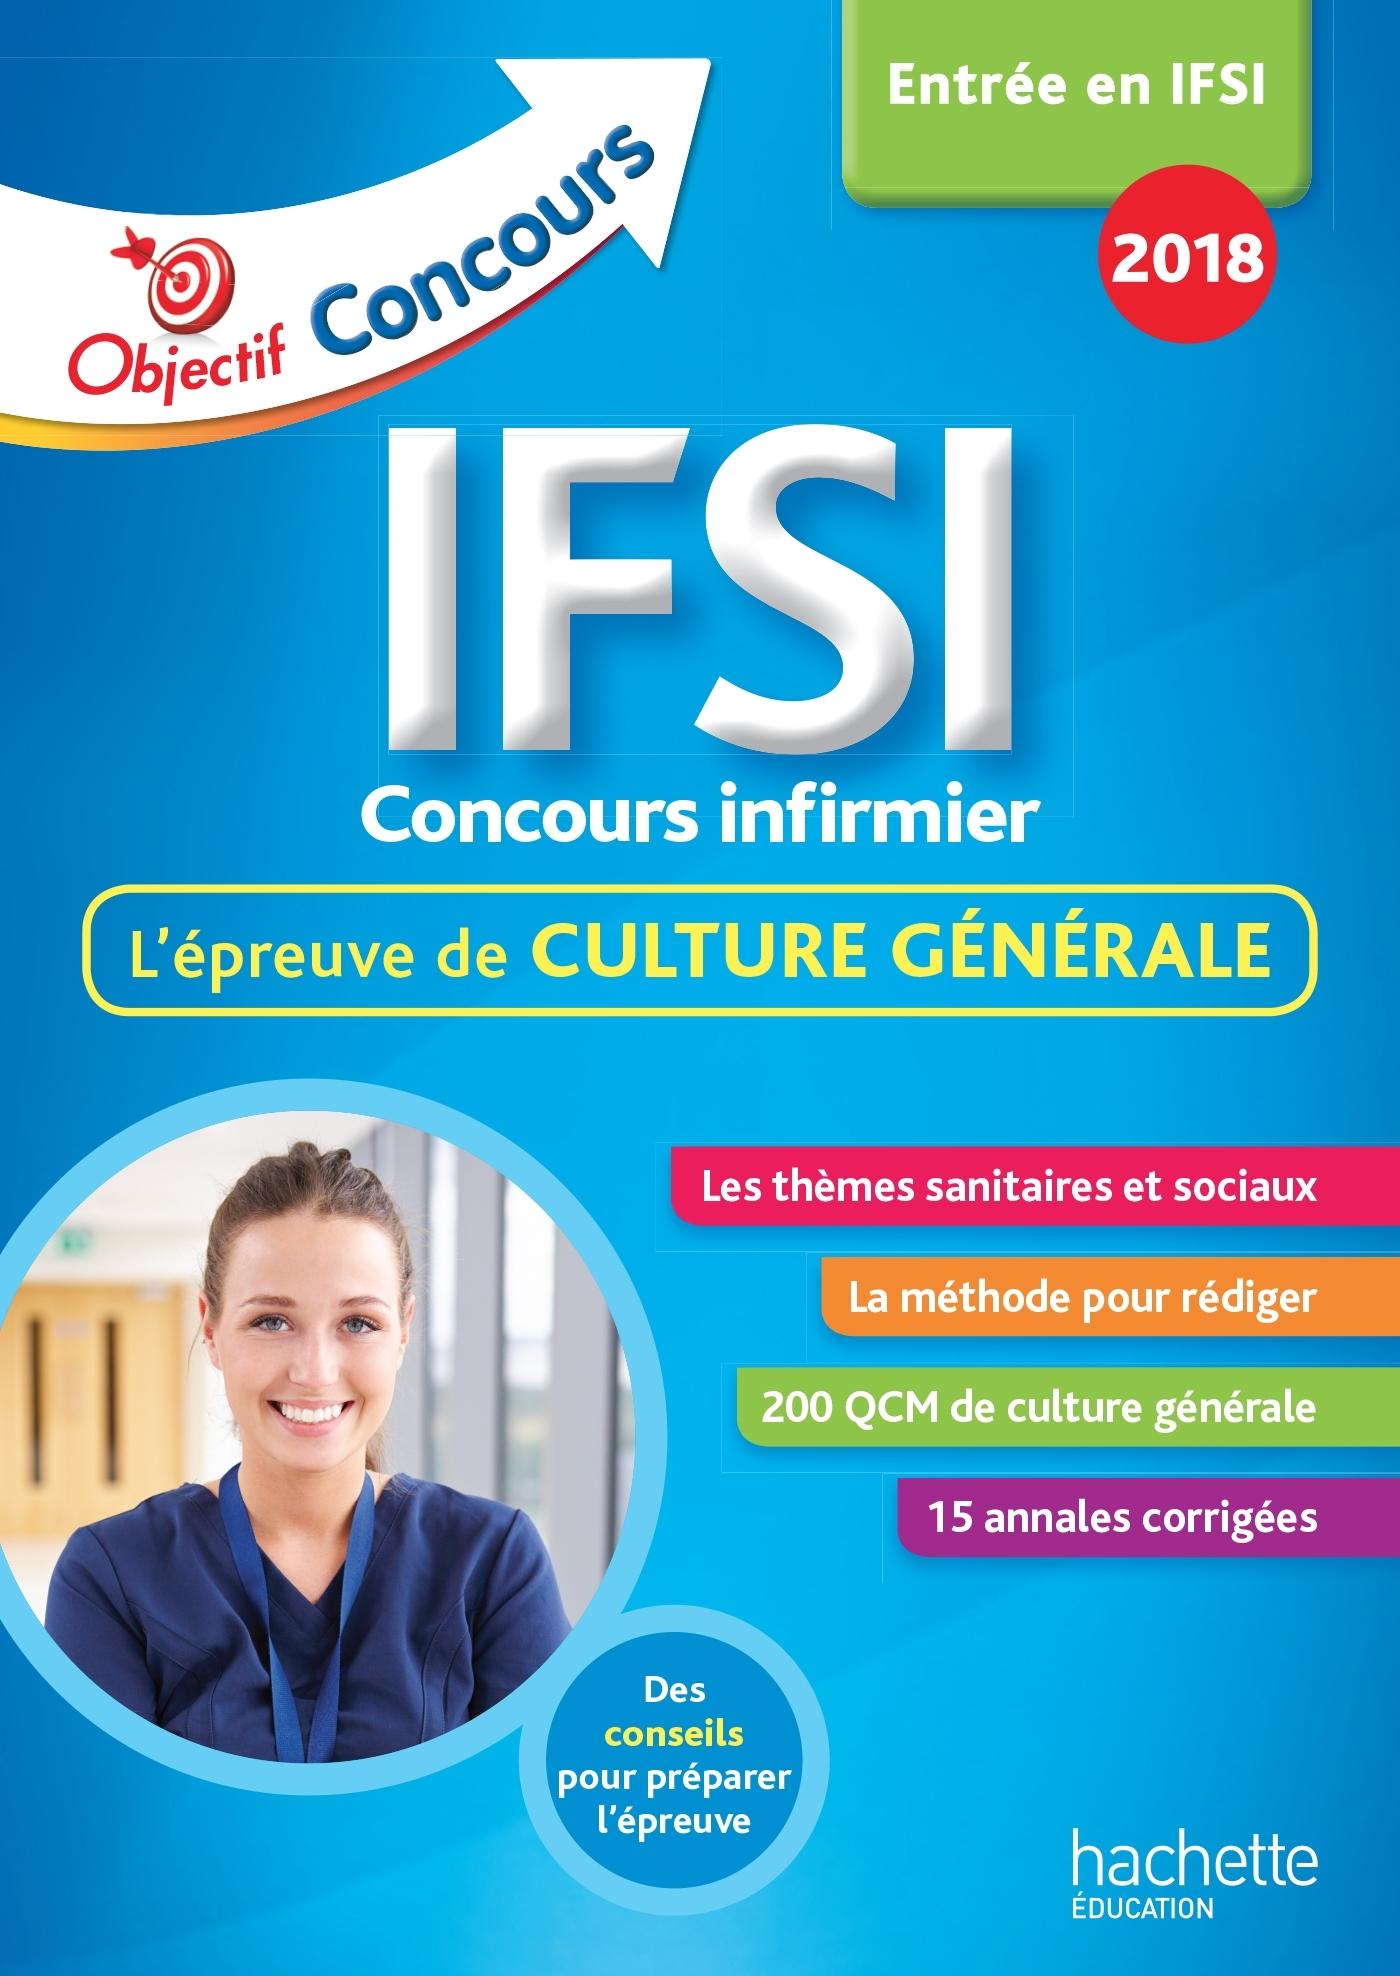 OBJECTIF CONCOURS LES ANNALES CULTURE GENERALE IFSI CONCOURS 2018